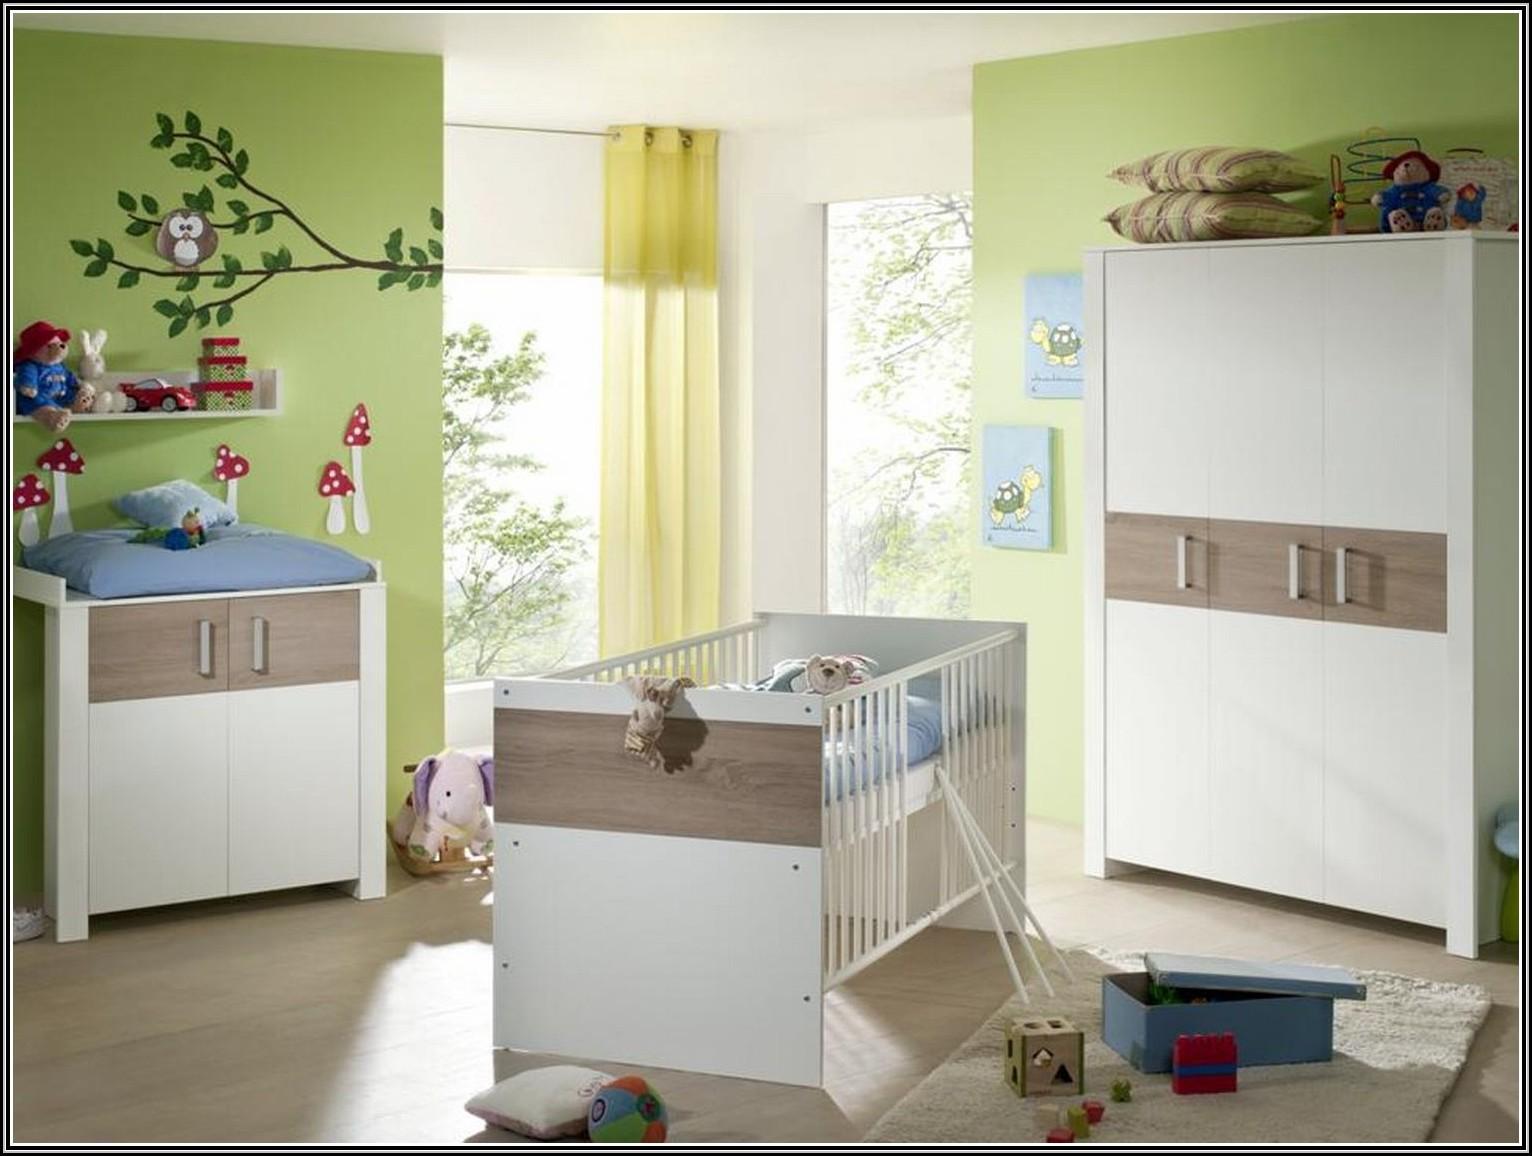 Kinderzimmer Dekoration Baby | Kinderzimmer Günstig Haus Dekoration